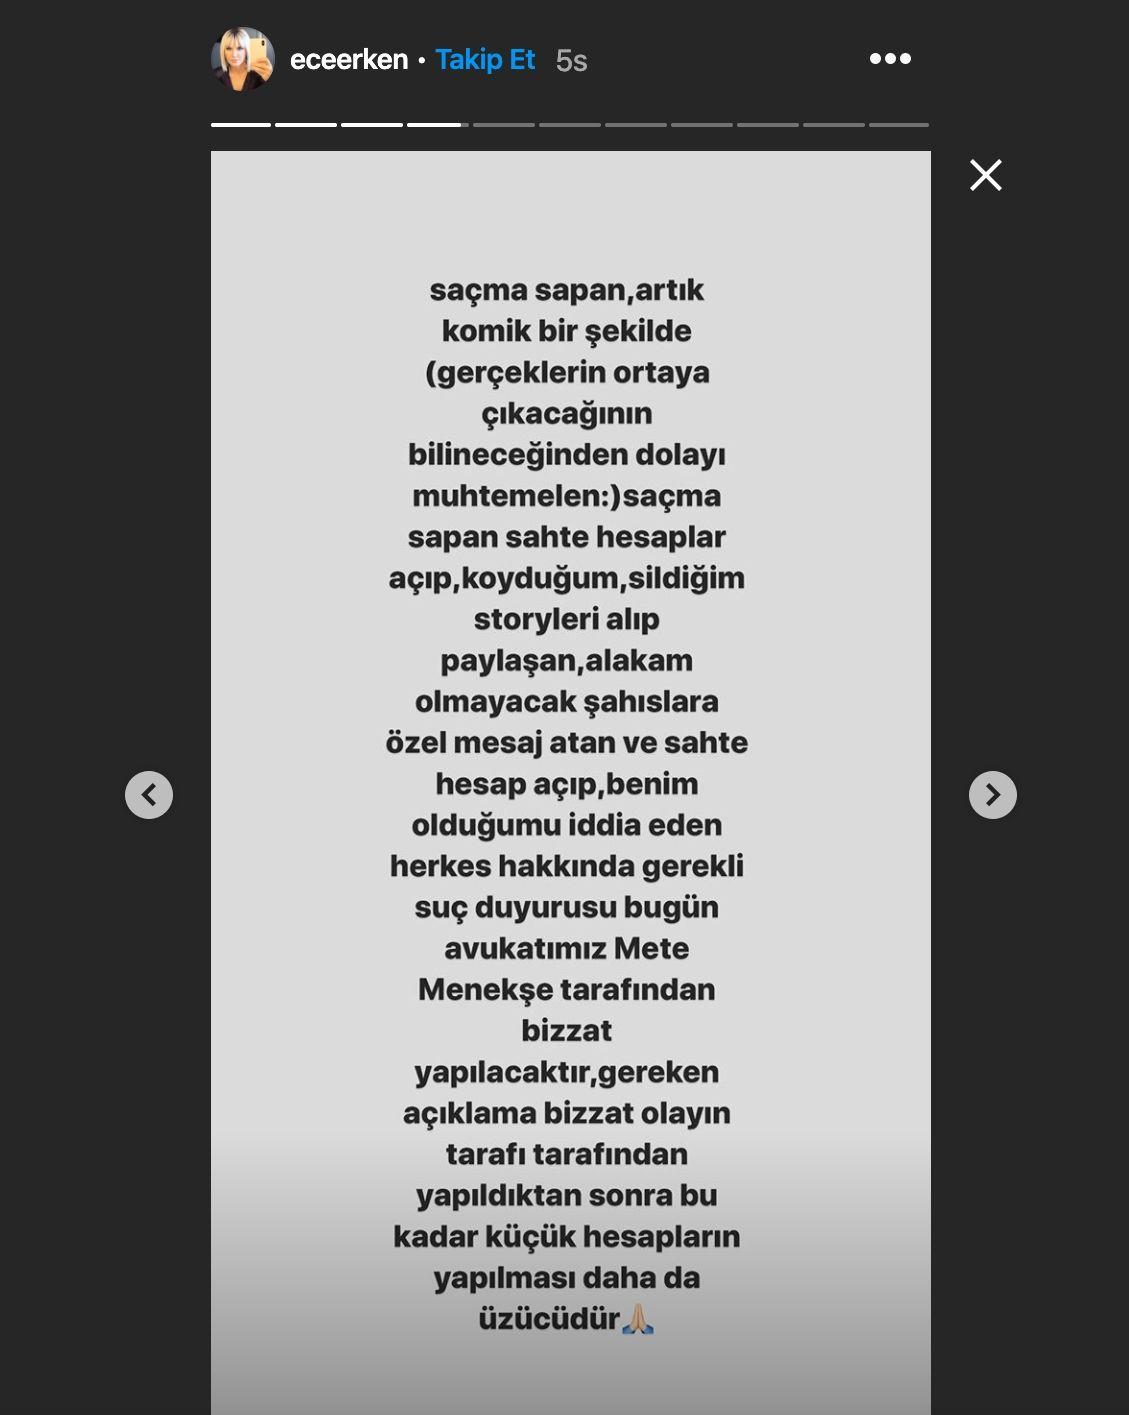 Ünlü sunucu hakkında bomba iddia! Ece Erken 'Soyadını sil ulan!' mesajı mı attı? - Sayfa:4